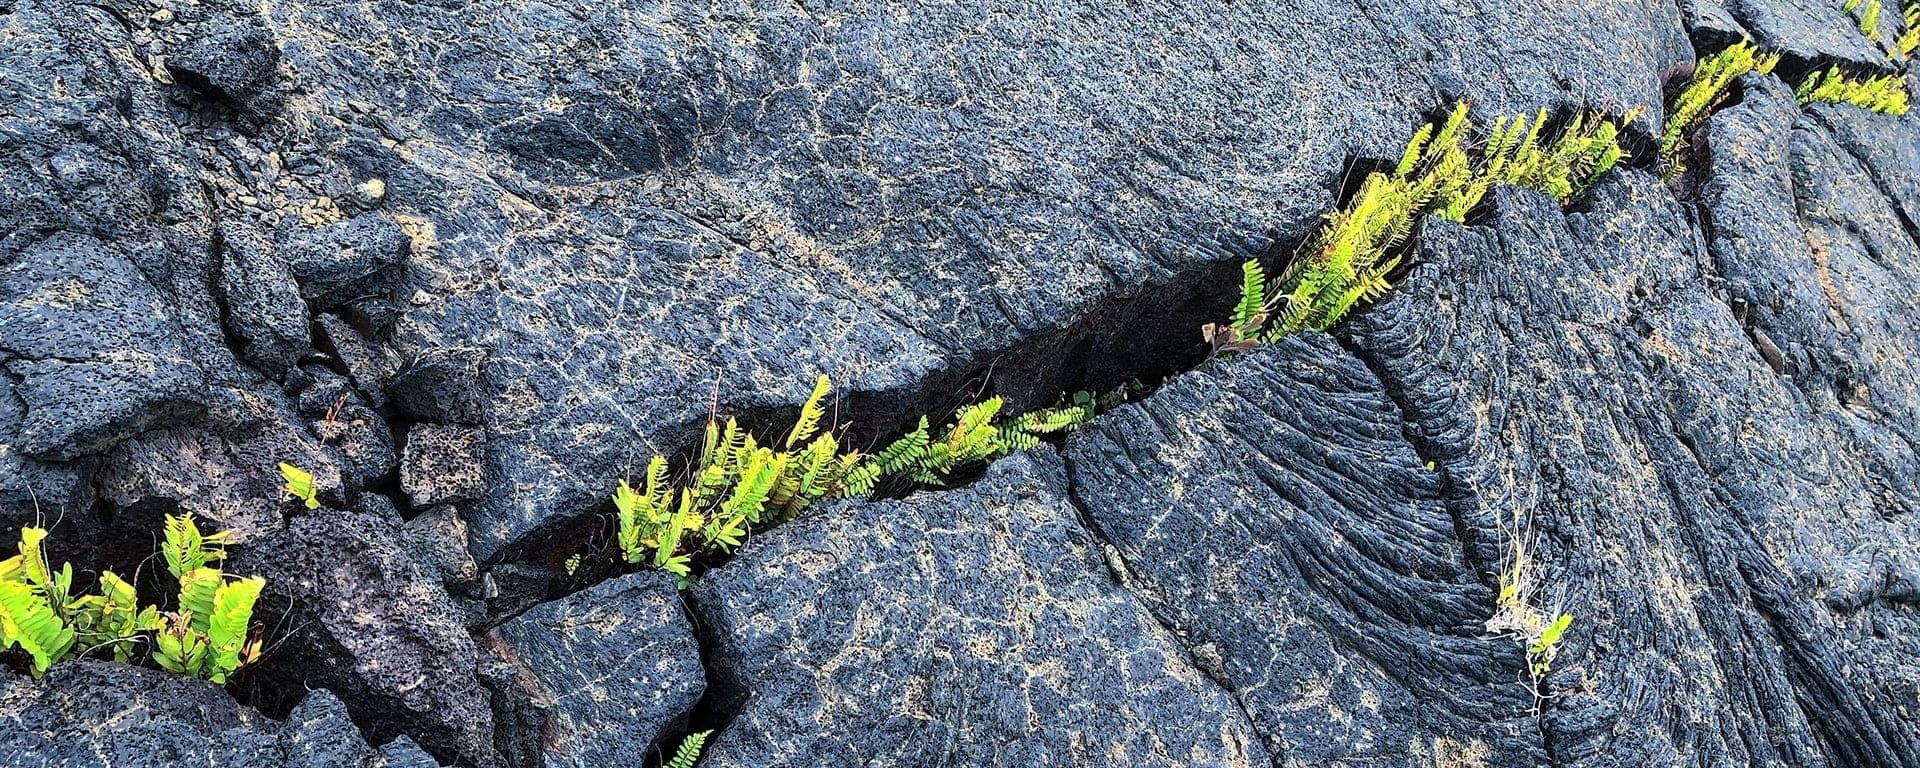 Comment le process mining soutient la résilience opérationnelle - plantes lave